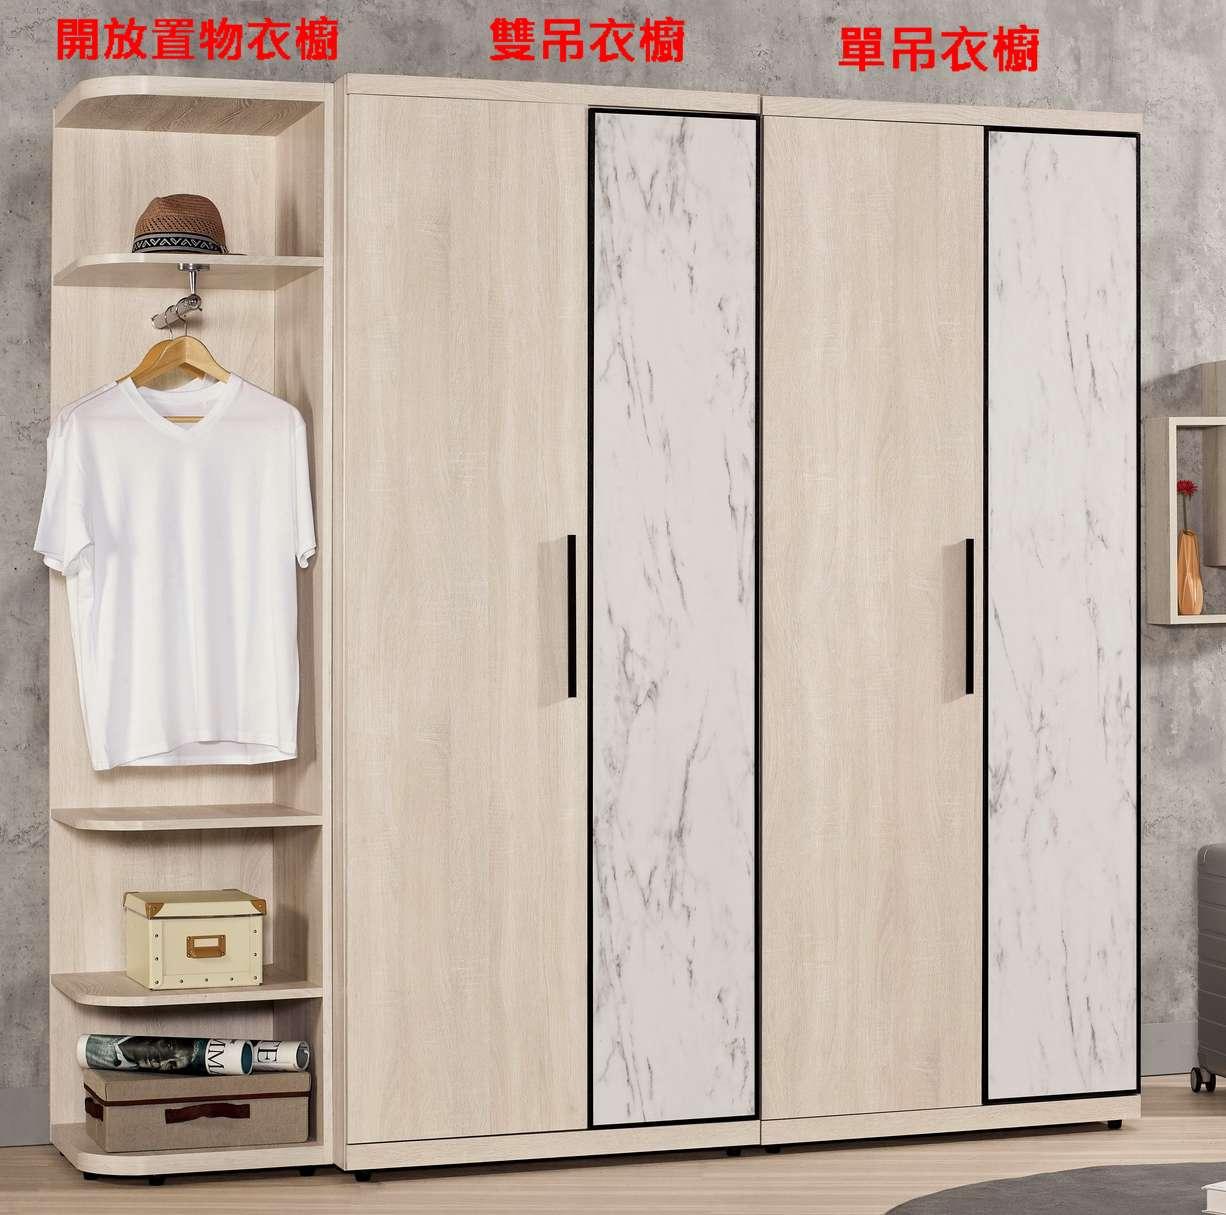 【簡單家具】,G020-2 丹妮拉2.7尺雙吊衣櫥(另售單吊衣櫥),大台北都會區免運費